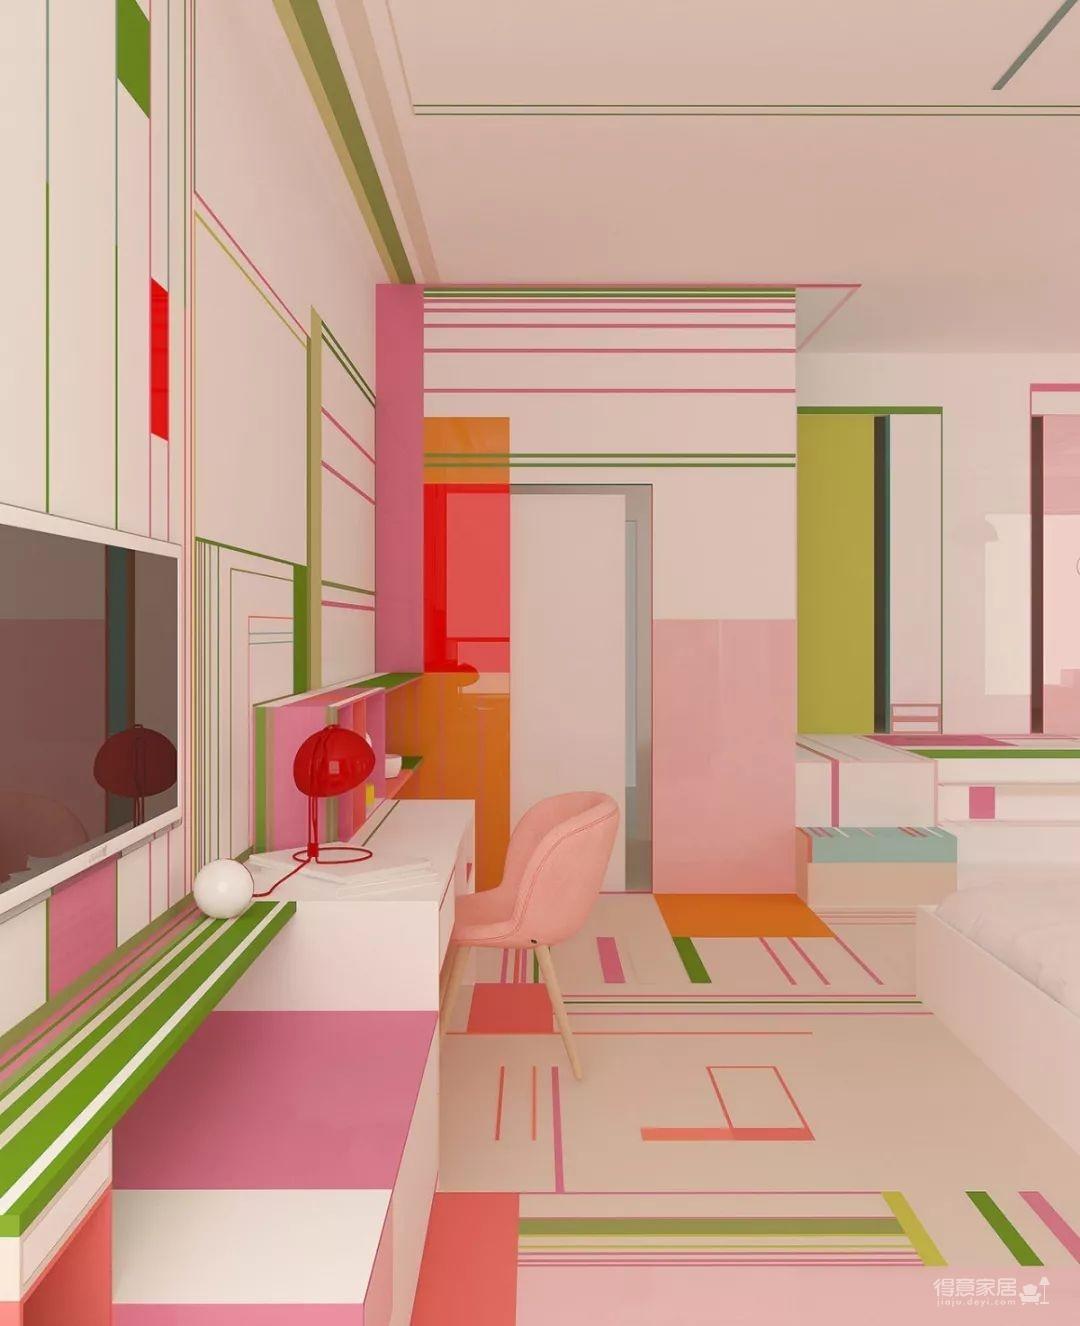 粉色湖水系,会呼吸的房子图_3